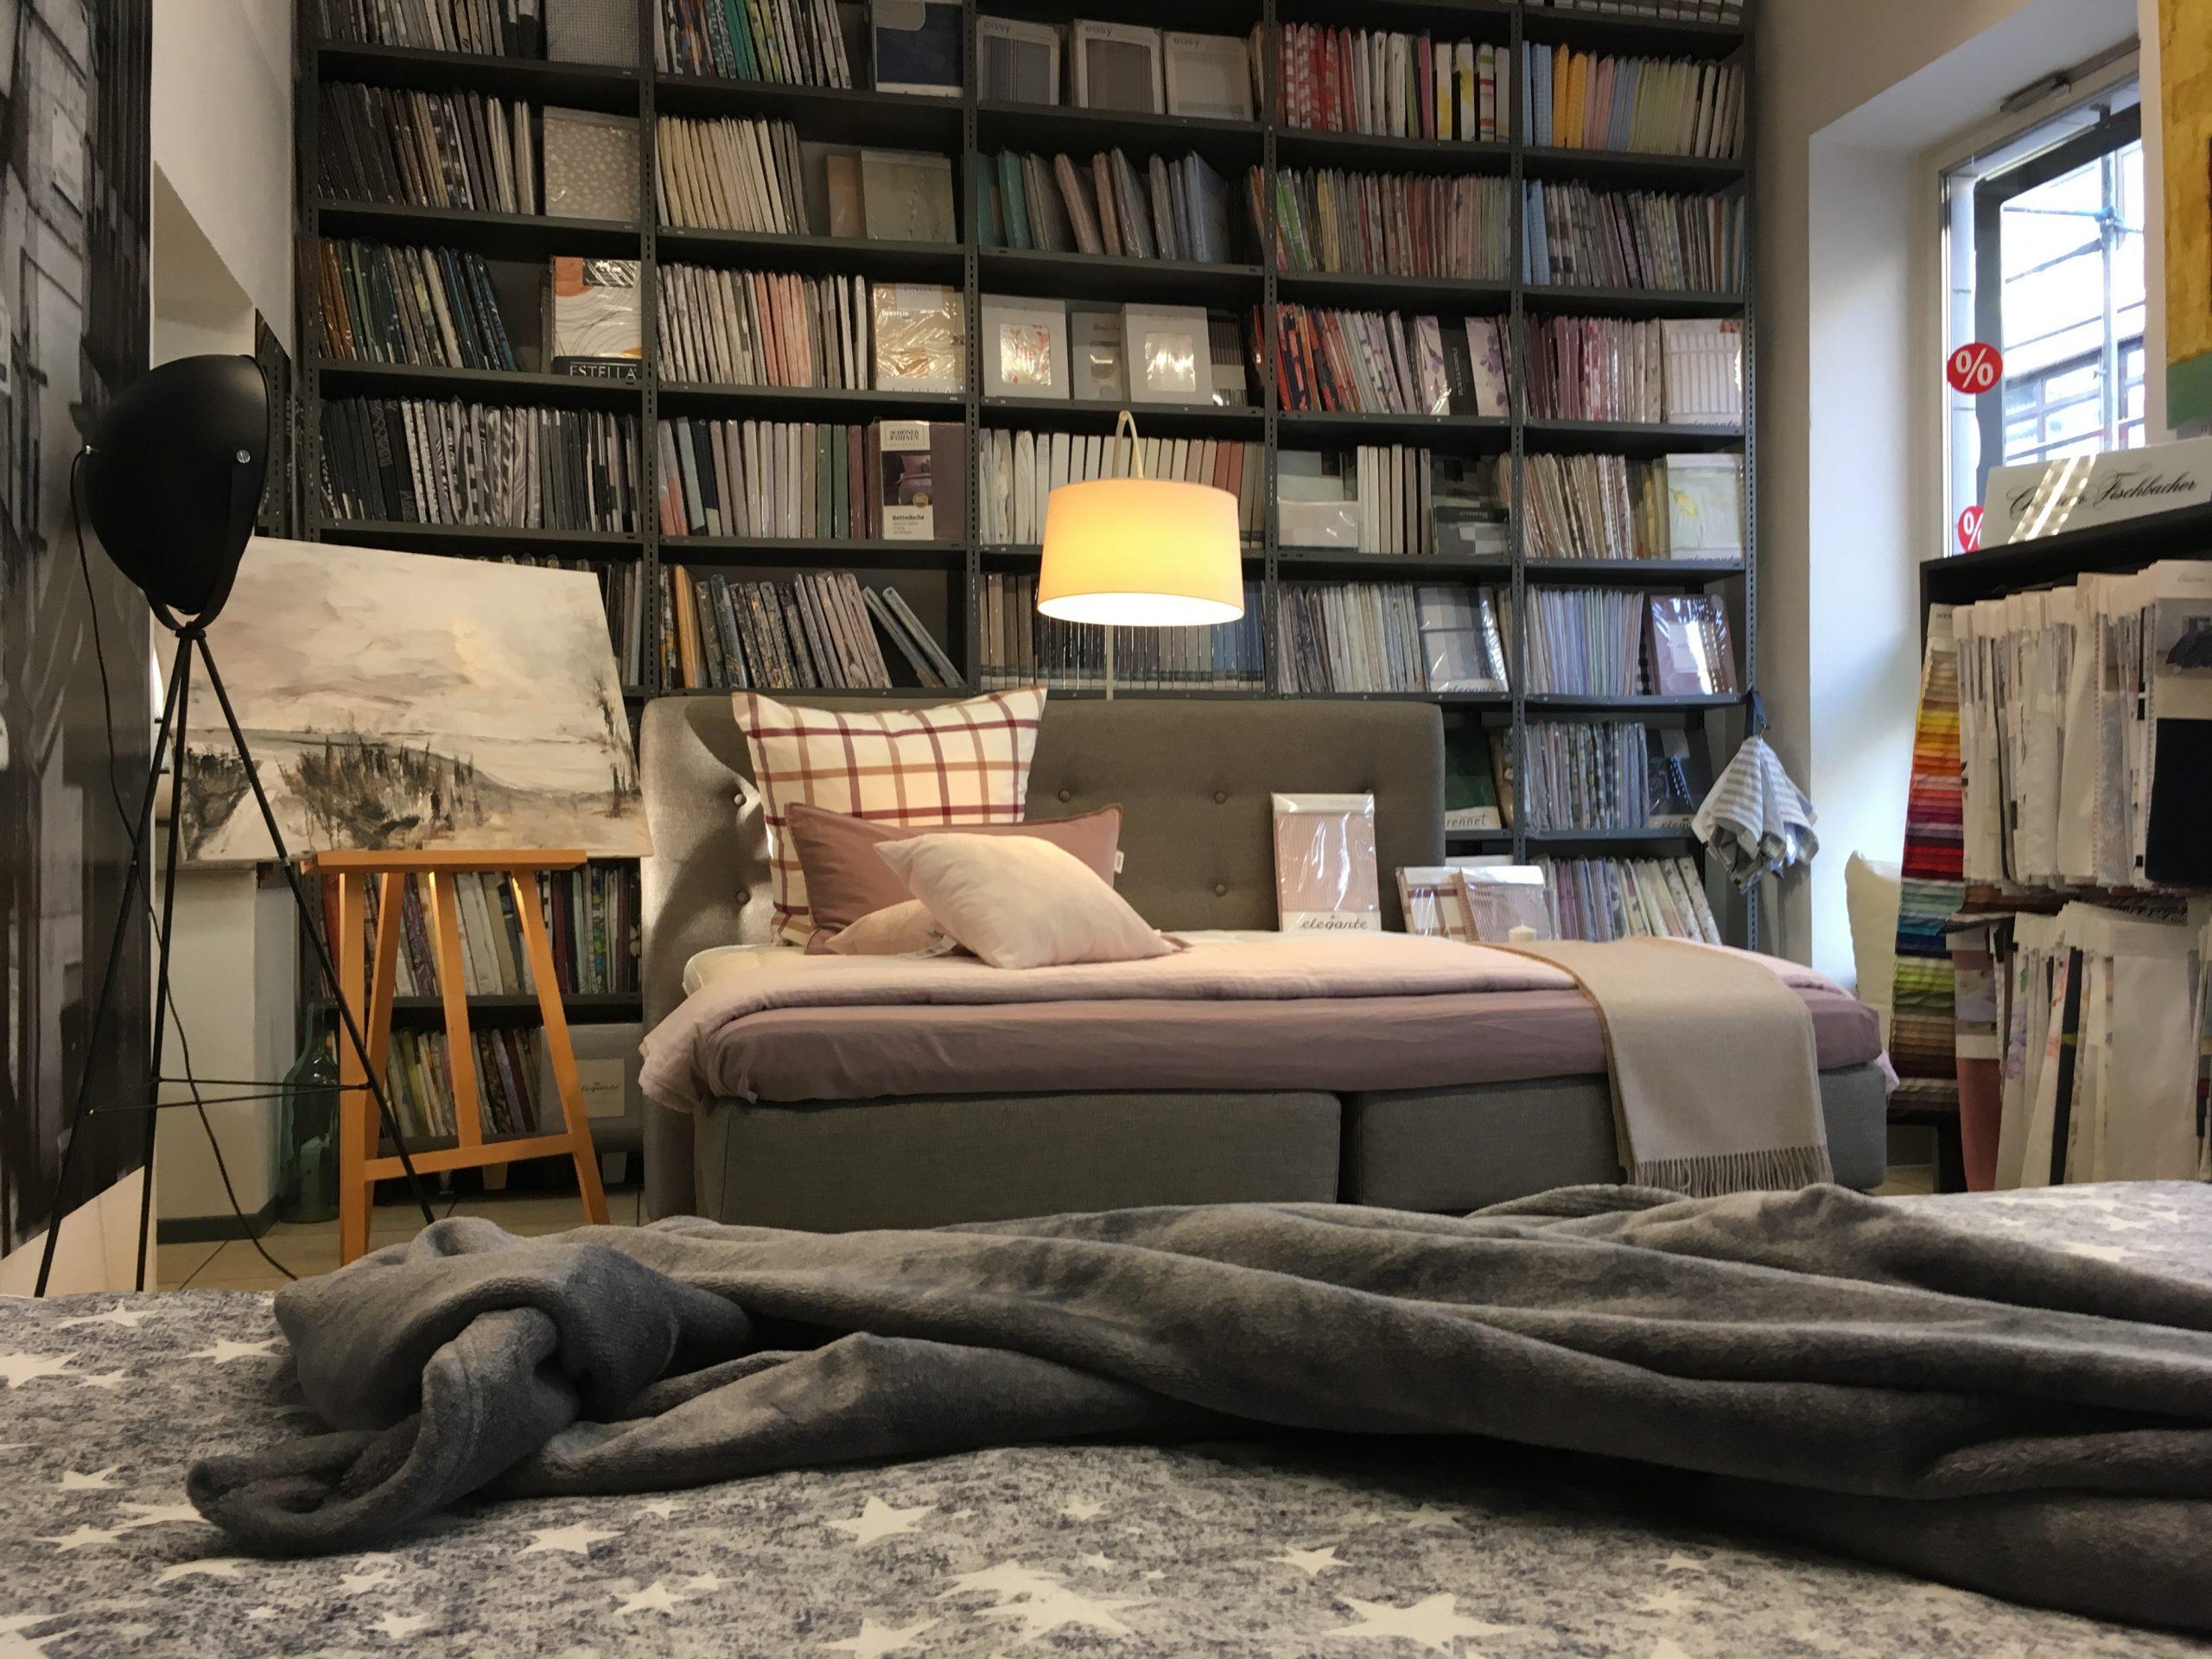 Full Size of Amerikanische Betten Boxspringbetten Bergre Ebay Nolte Außergewöhnliche Paradies Köln Amerikanisches Bett Kaufen Test Somnus Ruf Preise Hohe Günstige Bett Amerikanische Betten